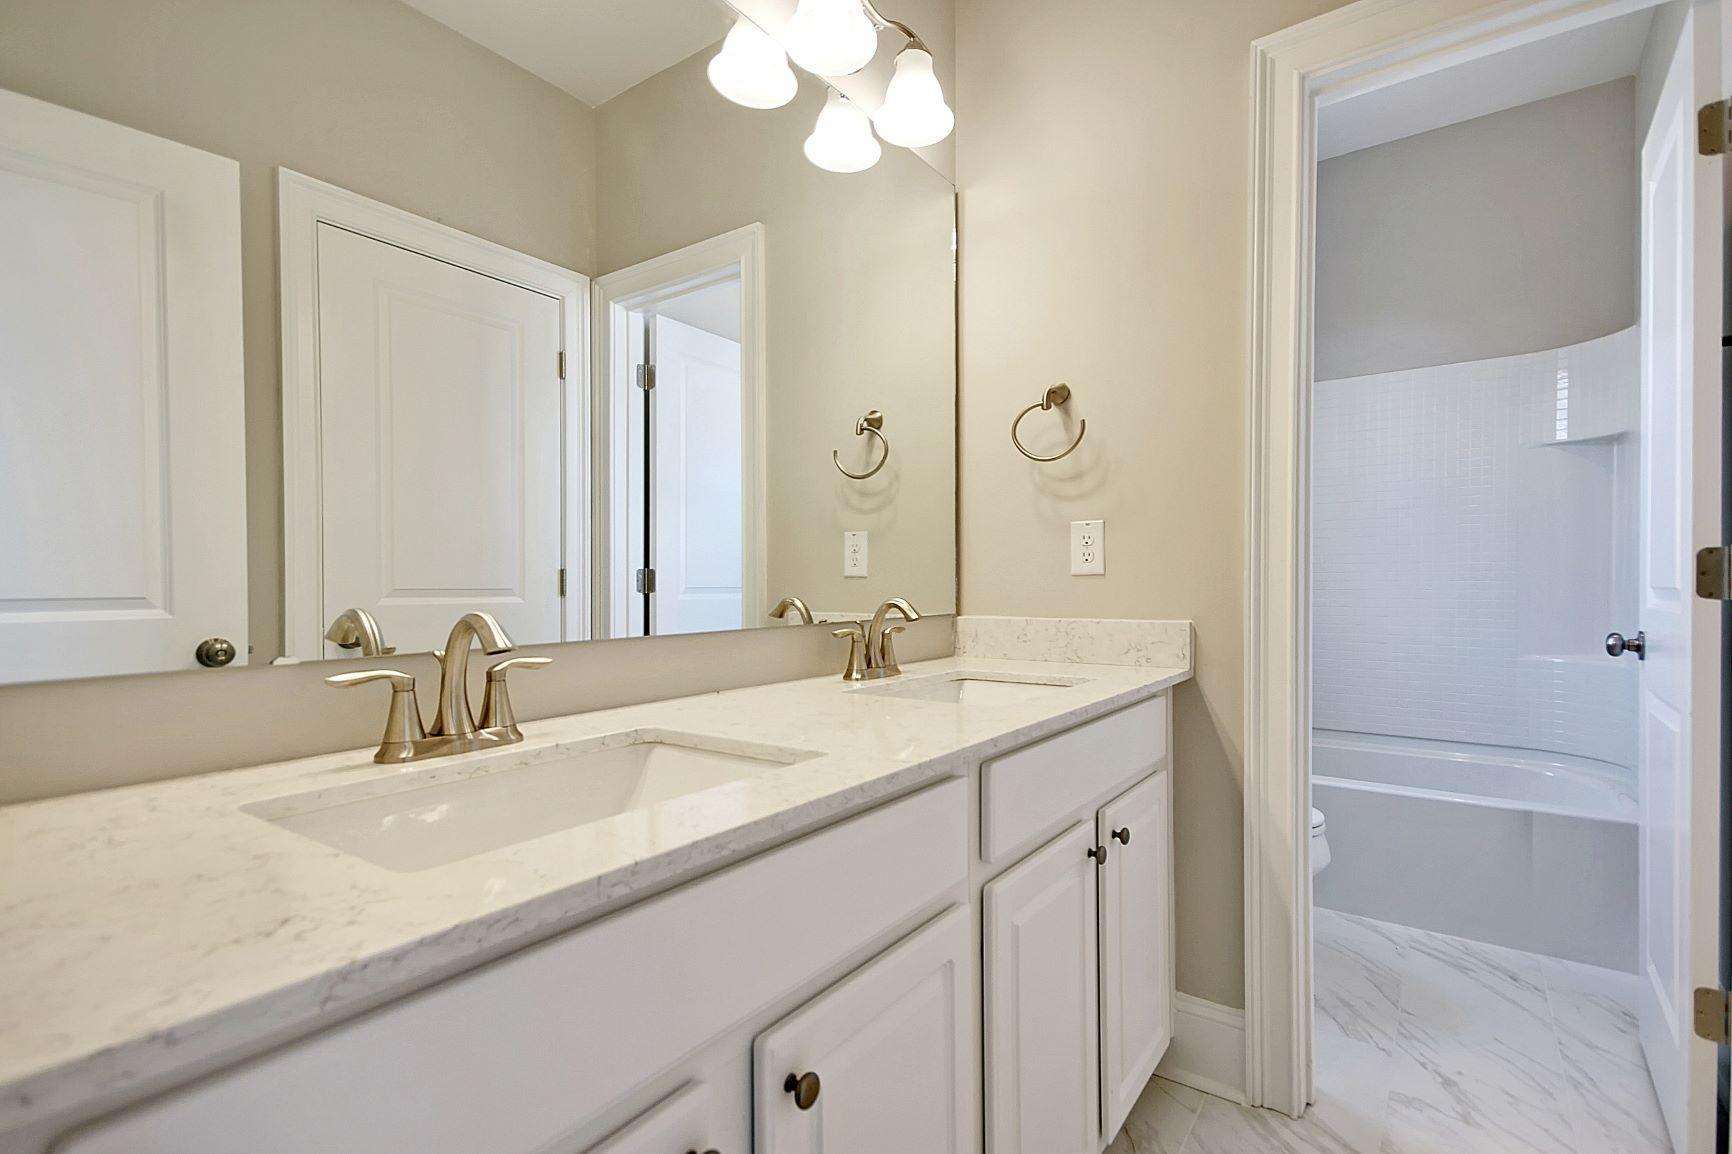 Kings Flats Homes For Sale - 121 Alder, Charleston, SC - 24